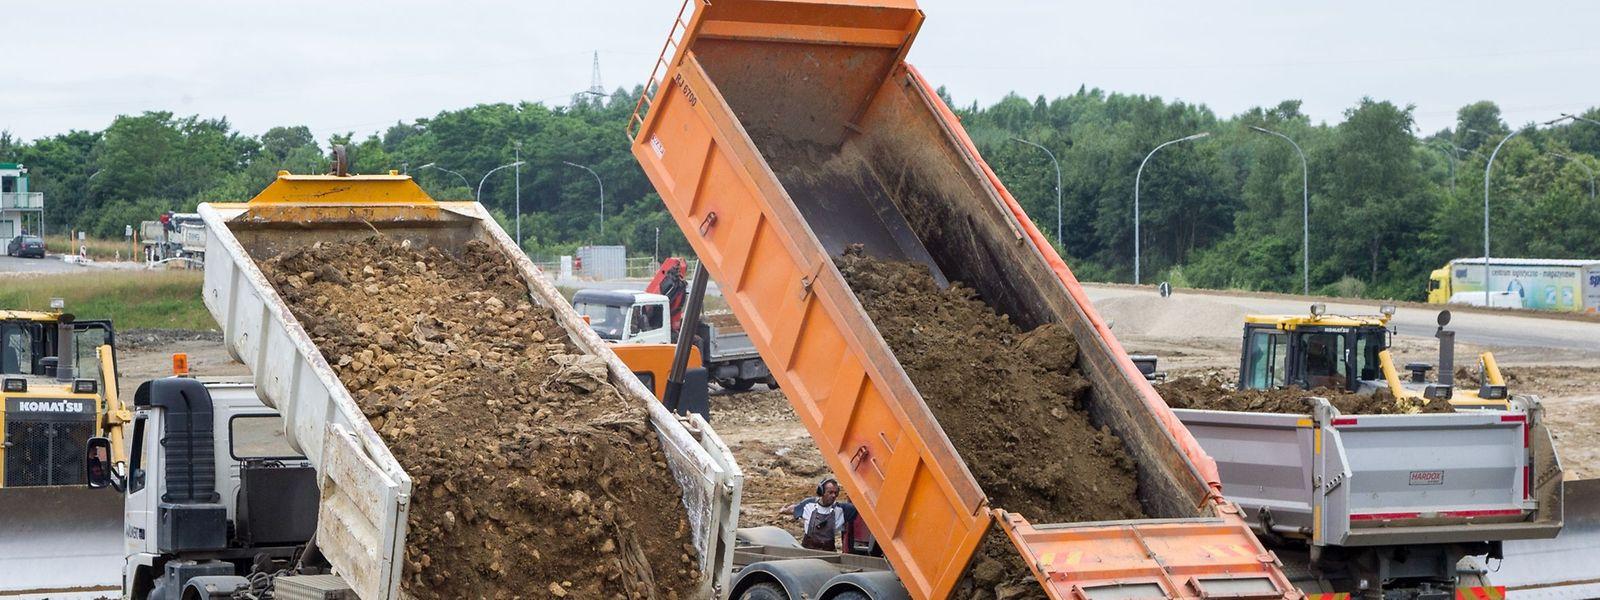 Ist die Rede von Bauschutt, denken viele gleich an giftige Materialien. Dabei sind mehr als 90 Prozent Erde. Sobald diese auf dem Lastwagen liegt, wird sie offiziell zu Abfall (déchets inertes).